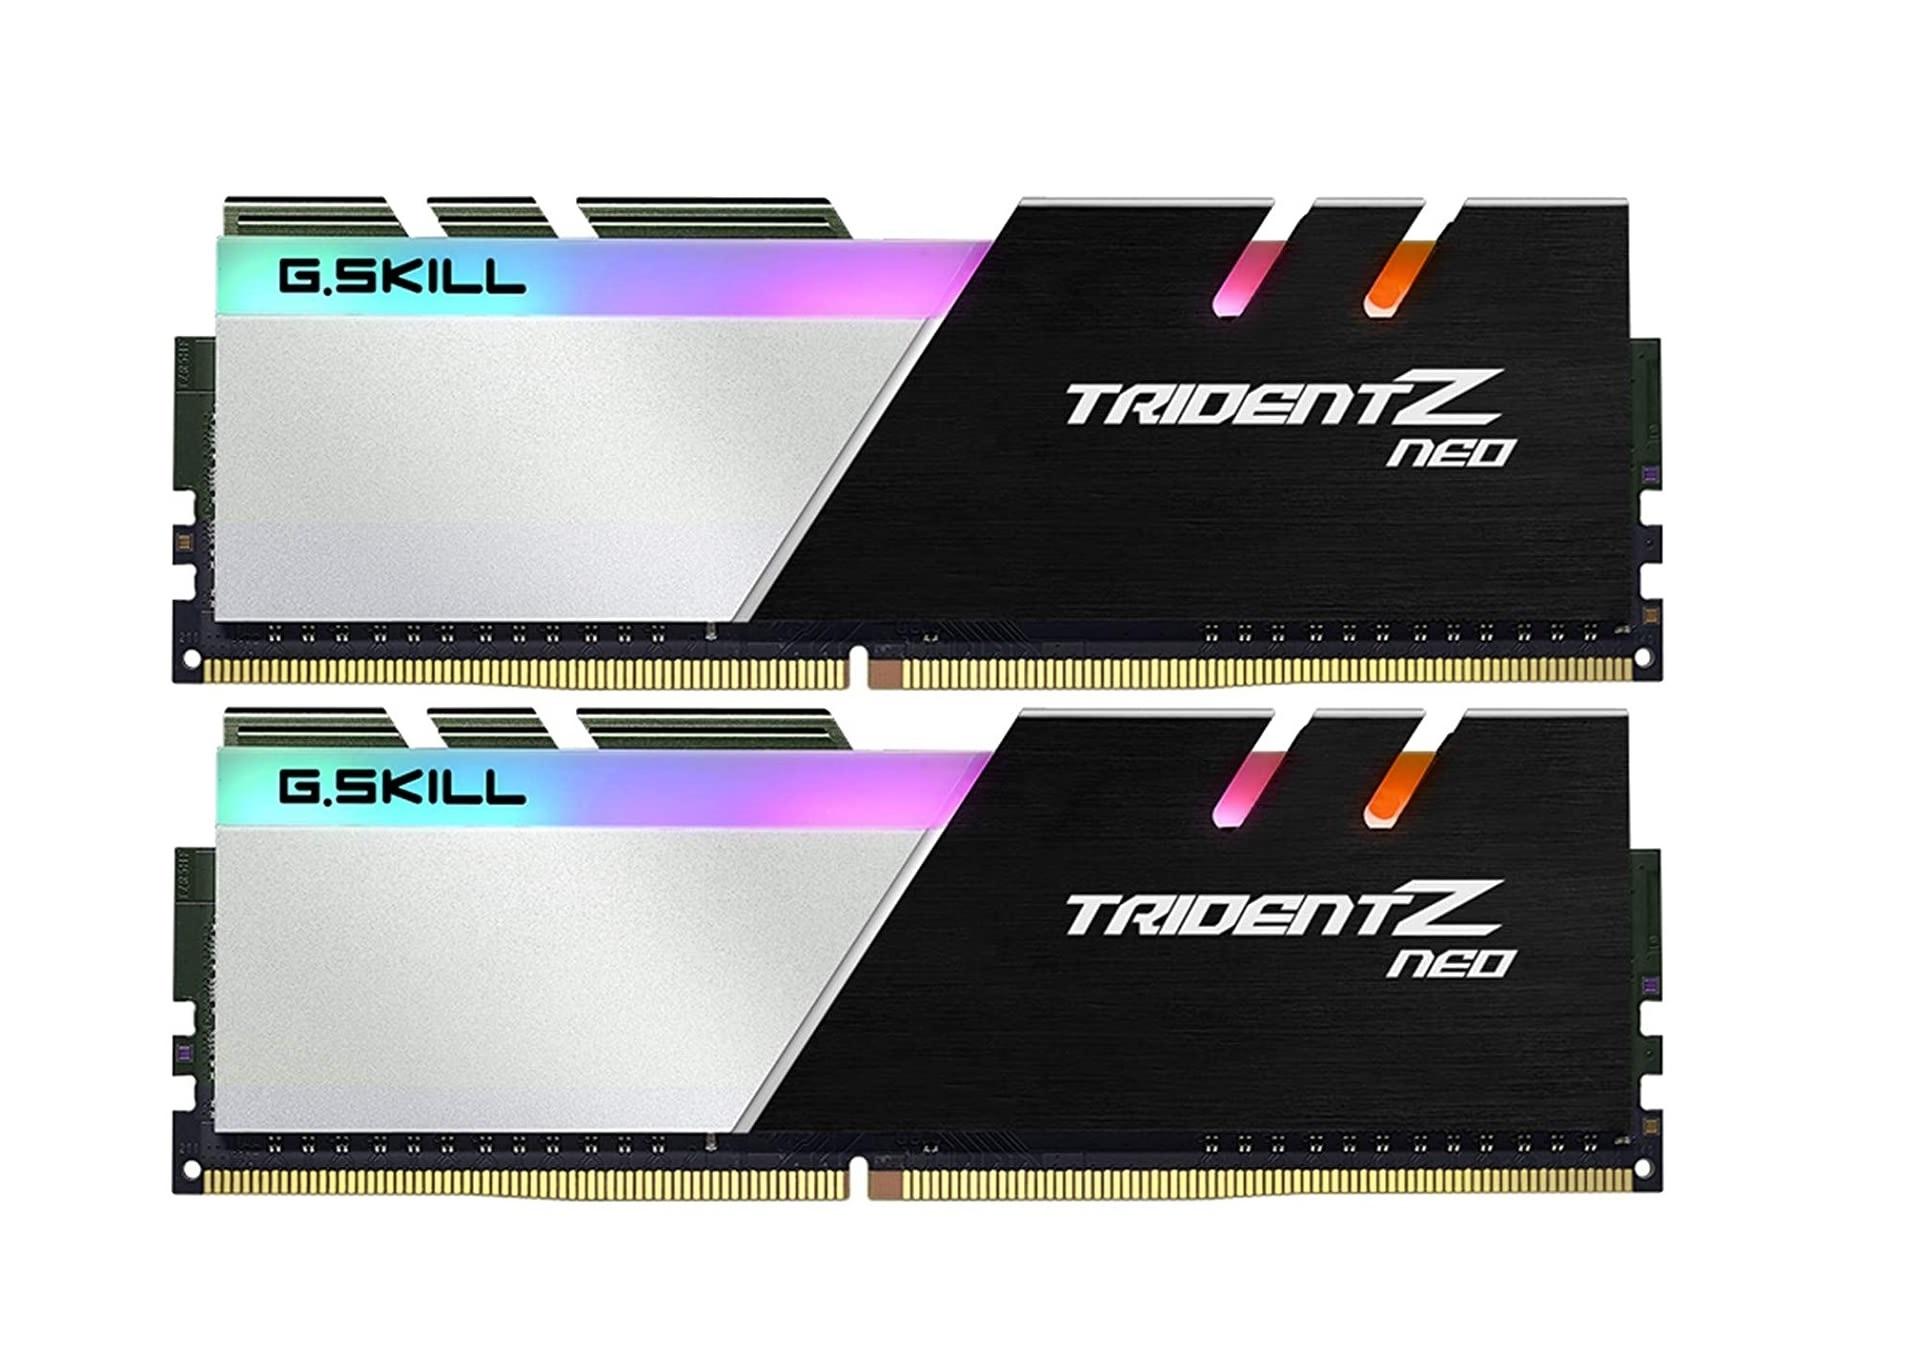 Μνήμη RAM G.Skill Trident Z Neo RGB 16GB Kit (2x8GB) DDR4 3600MHz C16 (F4-3200C16D-16GTZR)